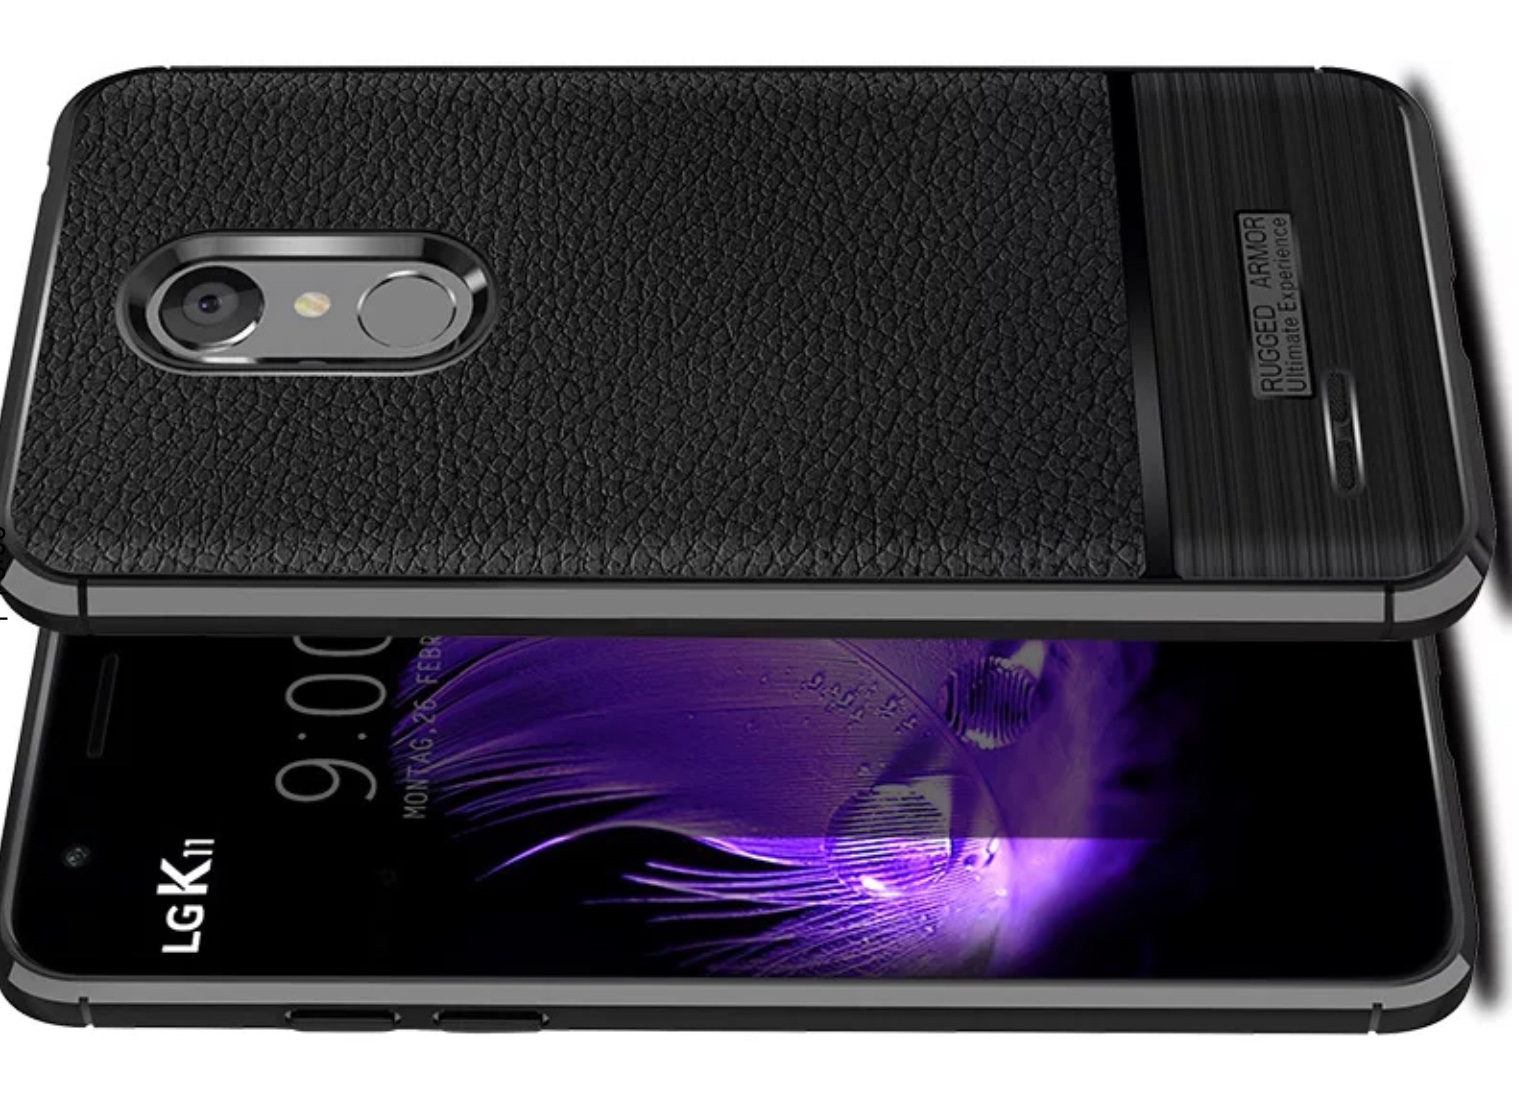 Смартфон LG K11- достоинства и недостатки